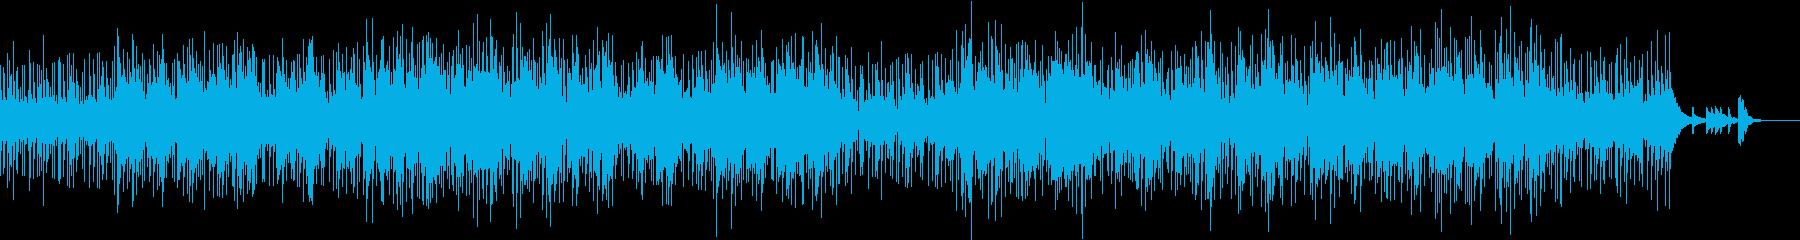 梅雨⭐︎スティービー風転調⭐︎ギター伴奏の再生済みの波形